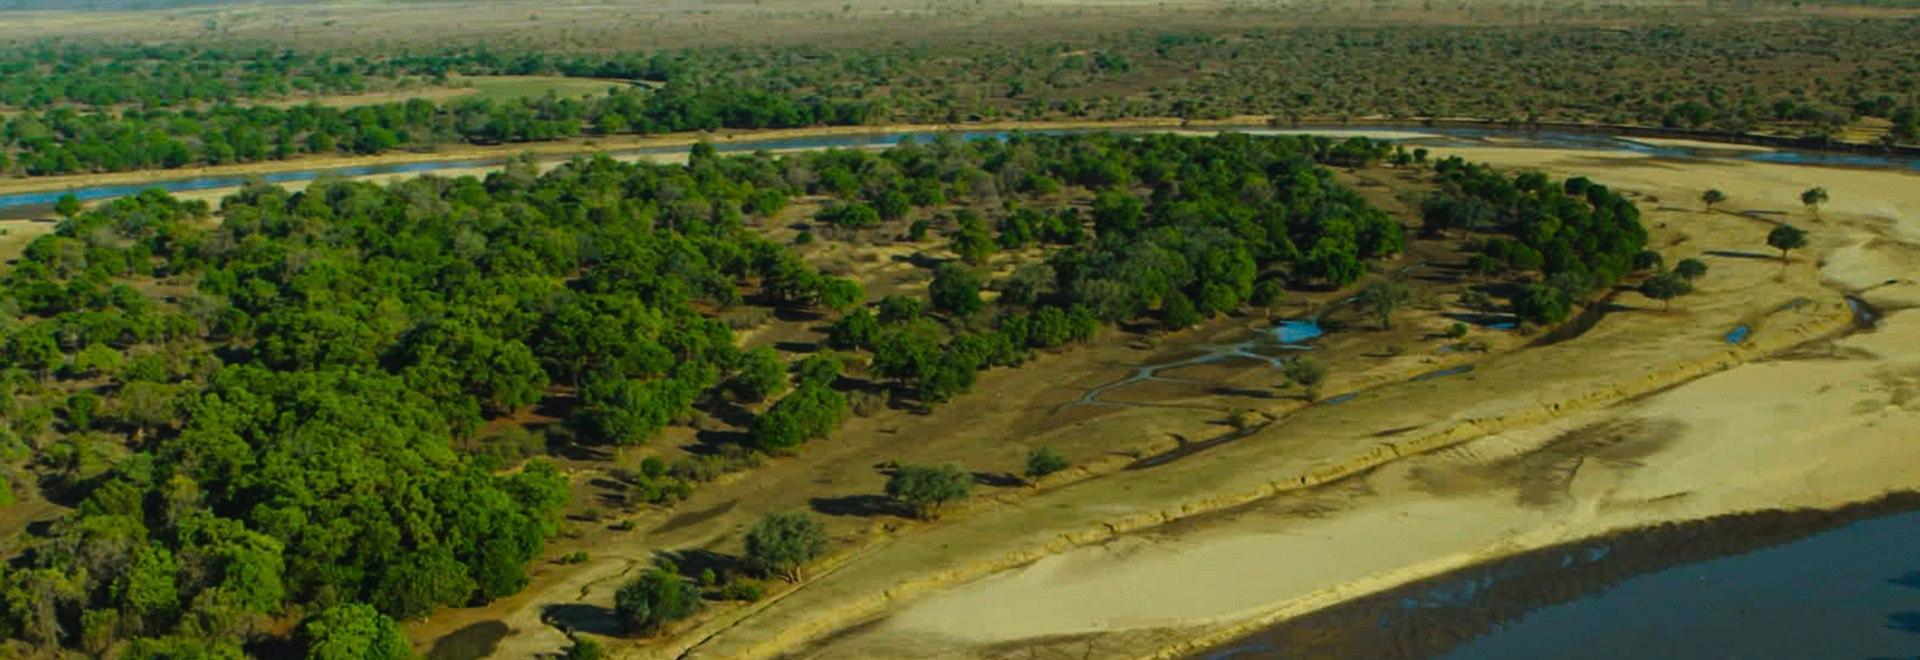 Accampamenti in Zambia